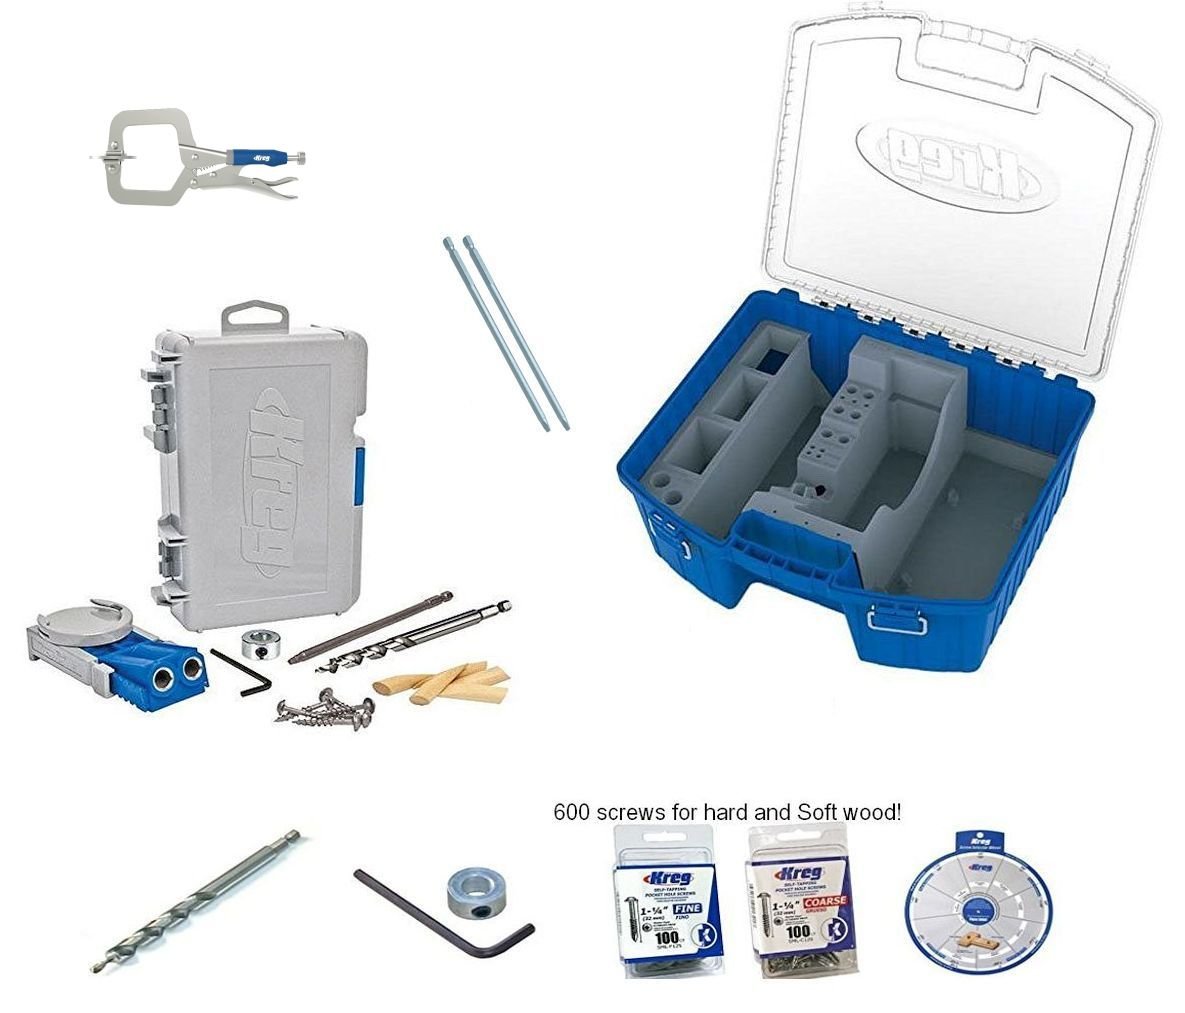 Kreg R3 Pocket Hole Jig KTC55 Storage box clamp 300 screws SSW extra bit collar by Kreg